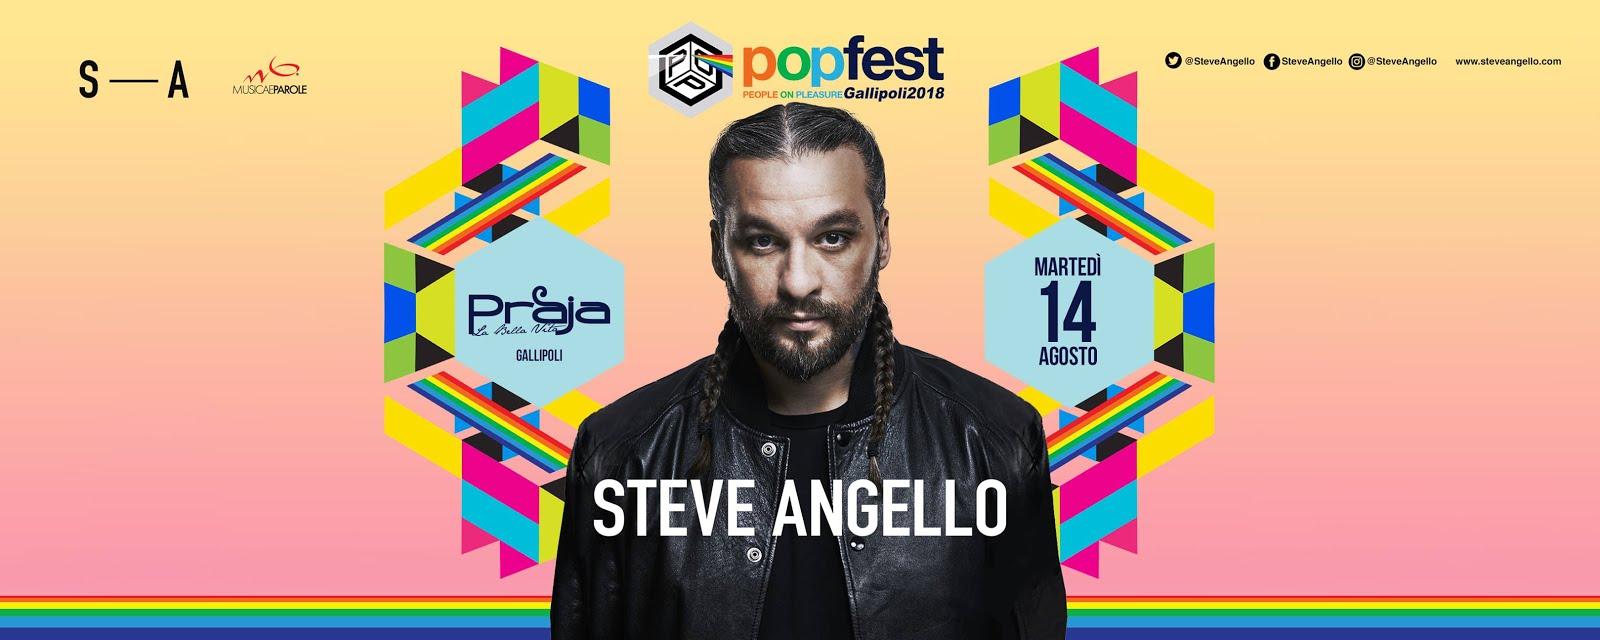 Il 14 agosto, Steve Angello al PopFest di Gallipoli